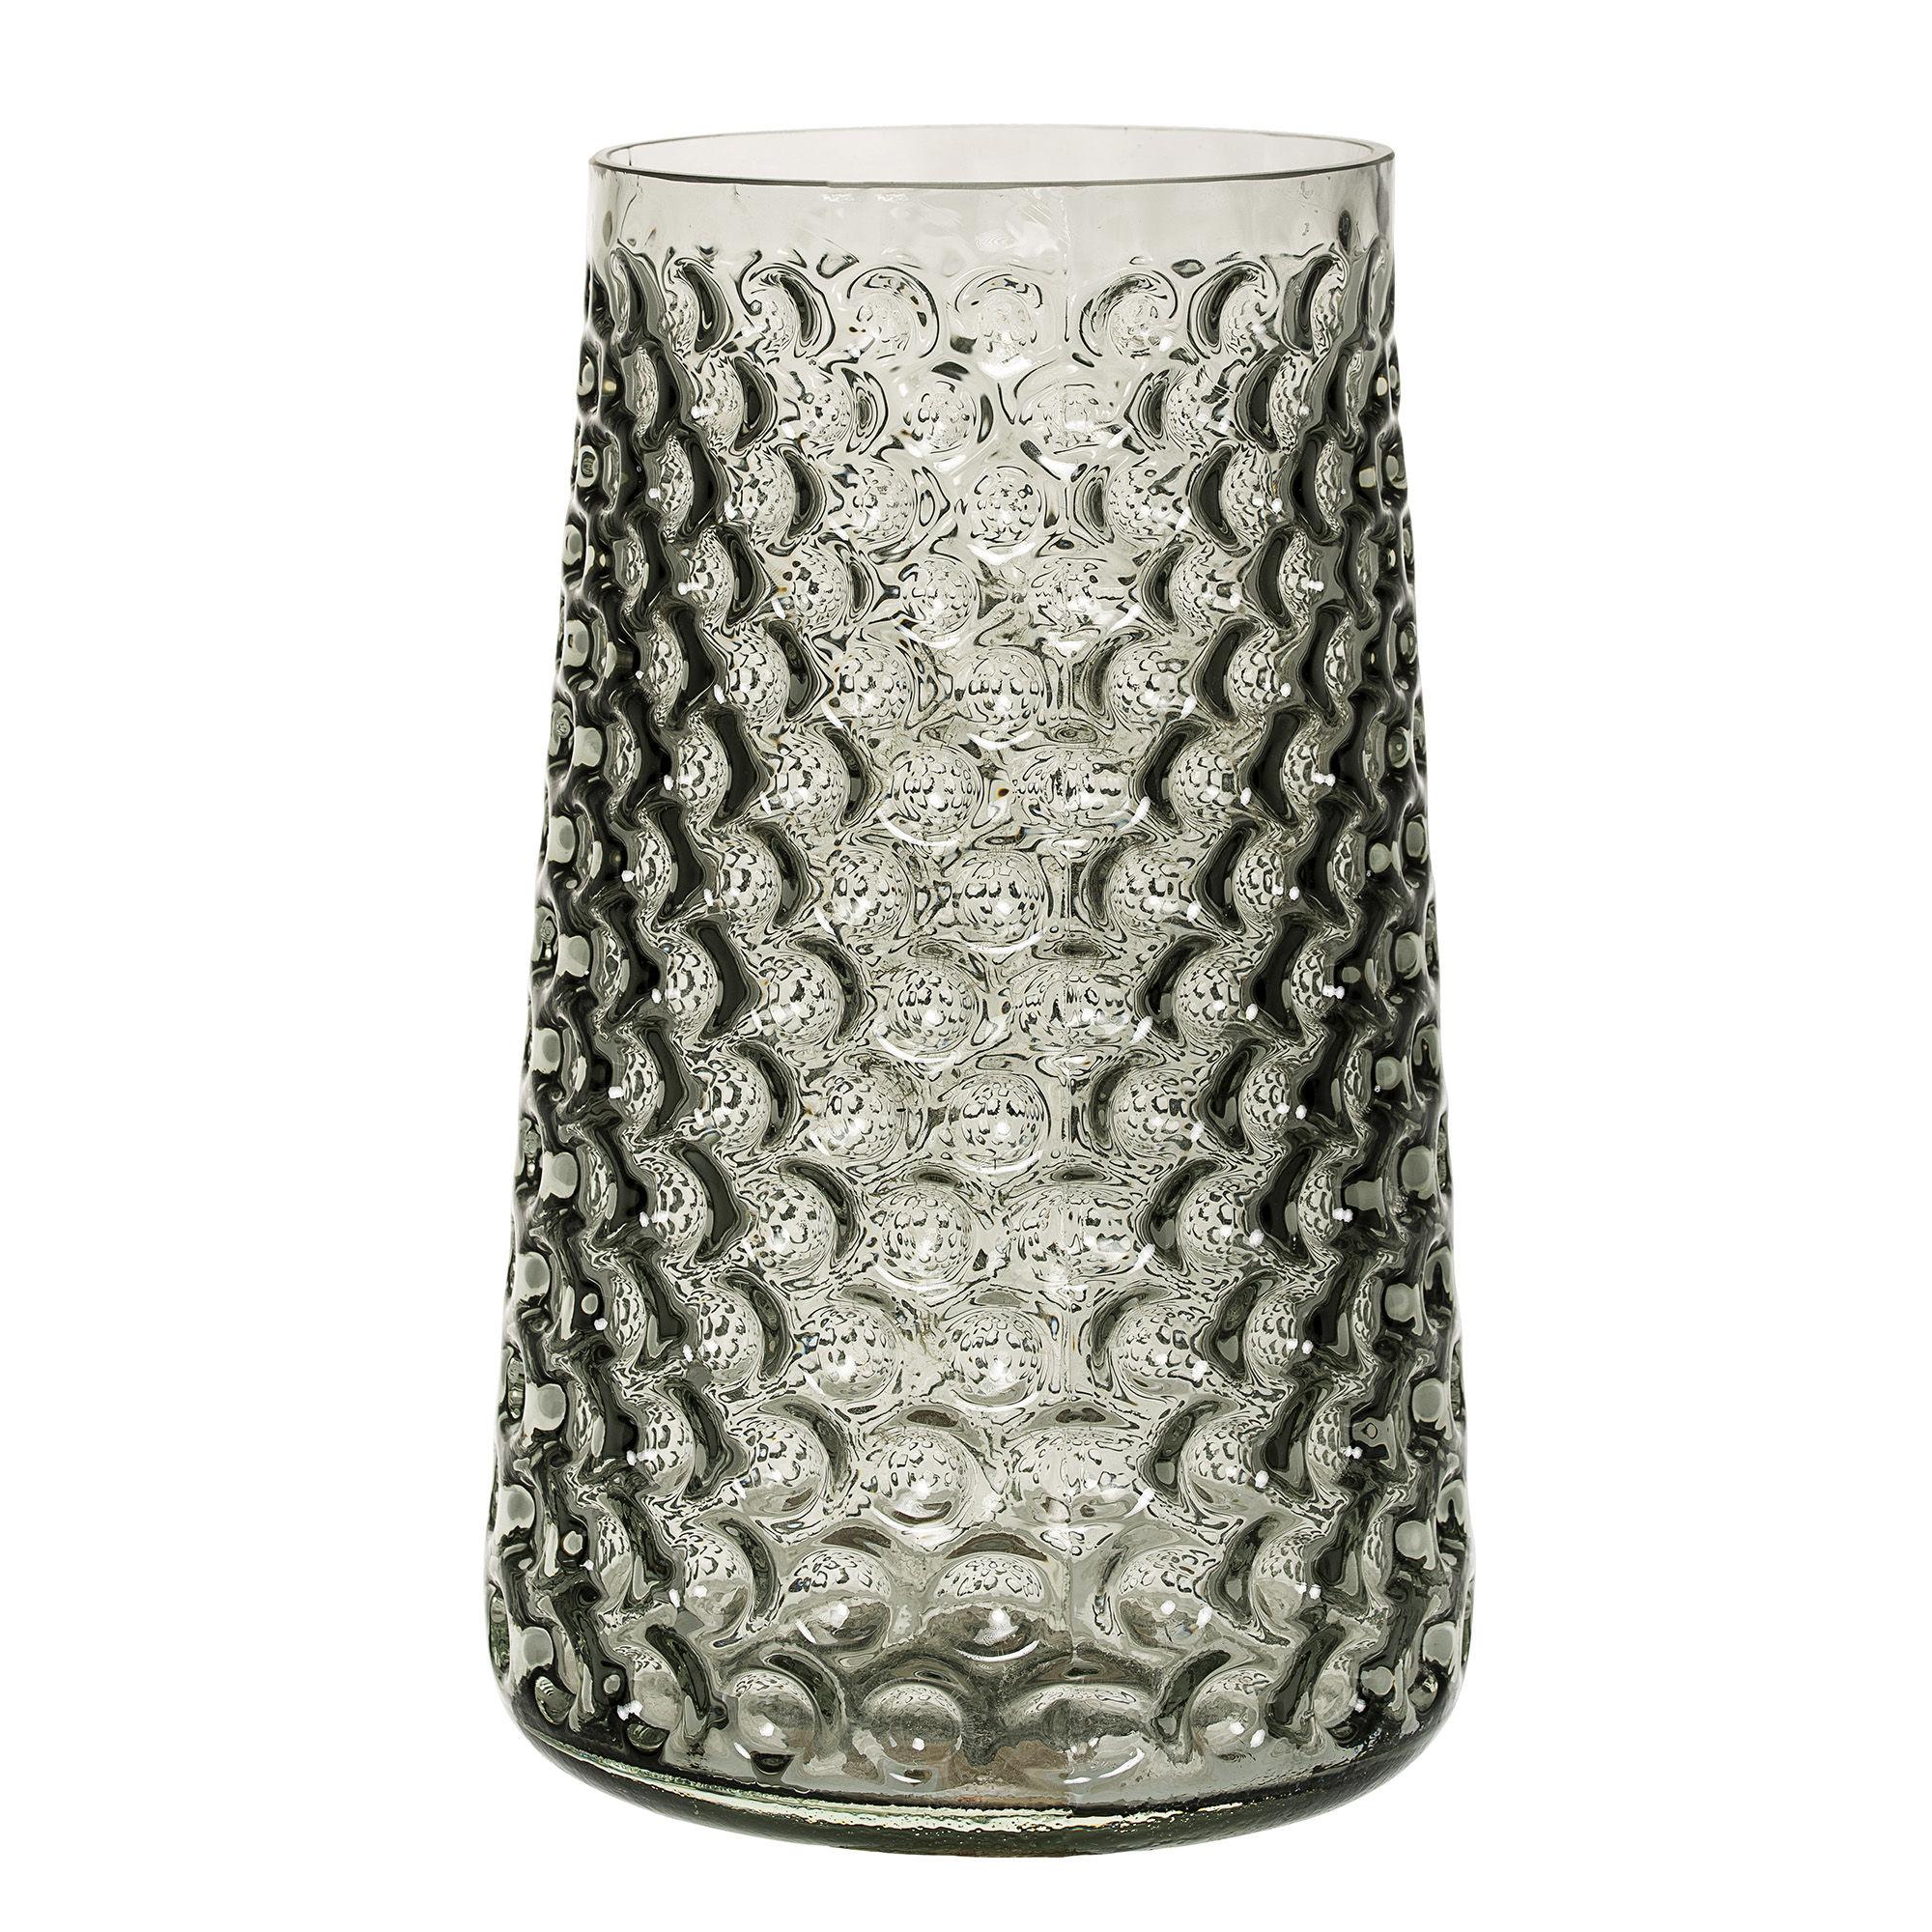 h 30 5 cm bloomingville vase. Black Bedroom Furniture Sets. Home Design Ideas